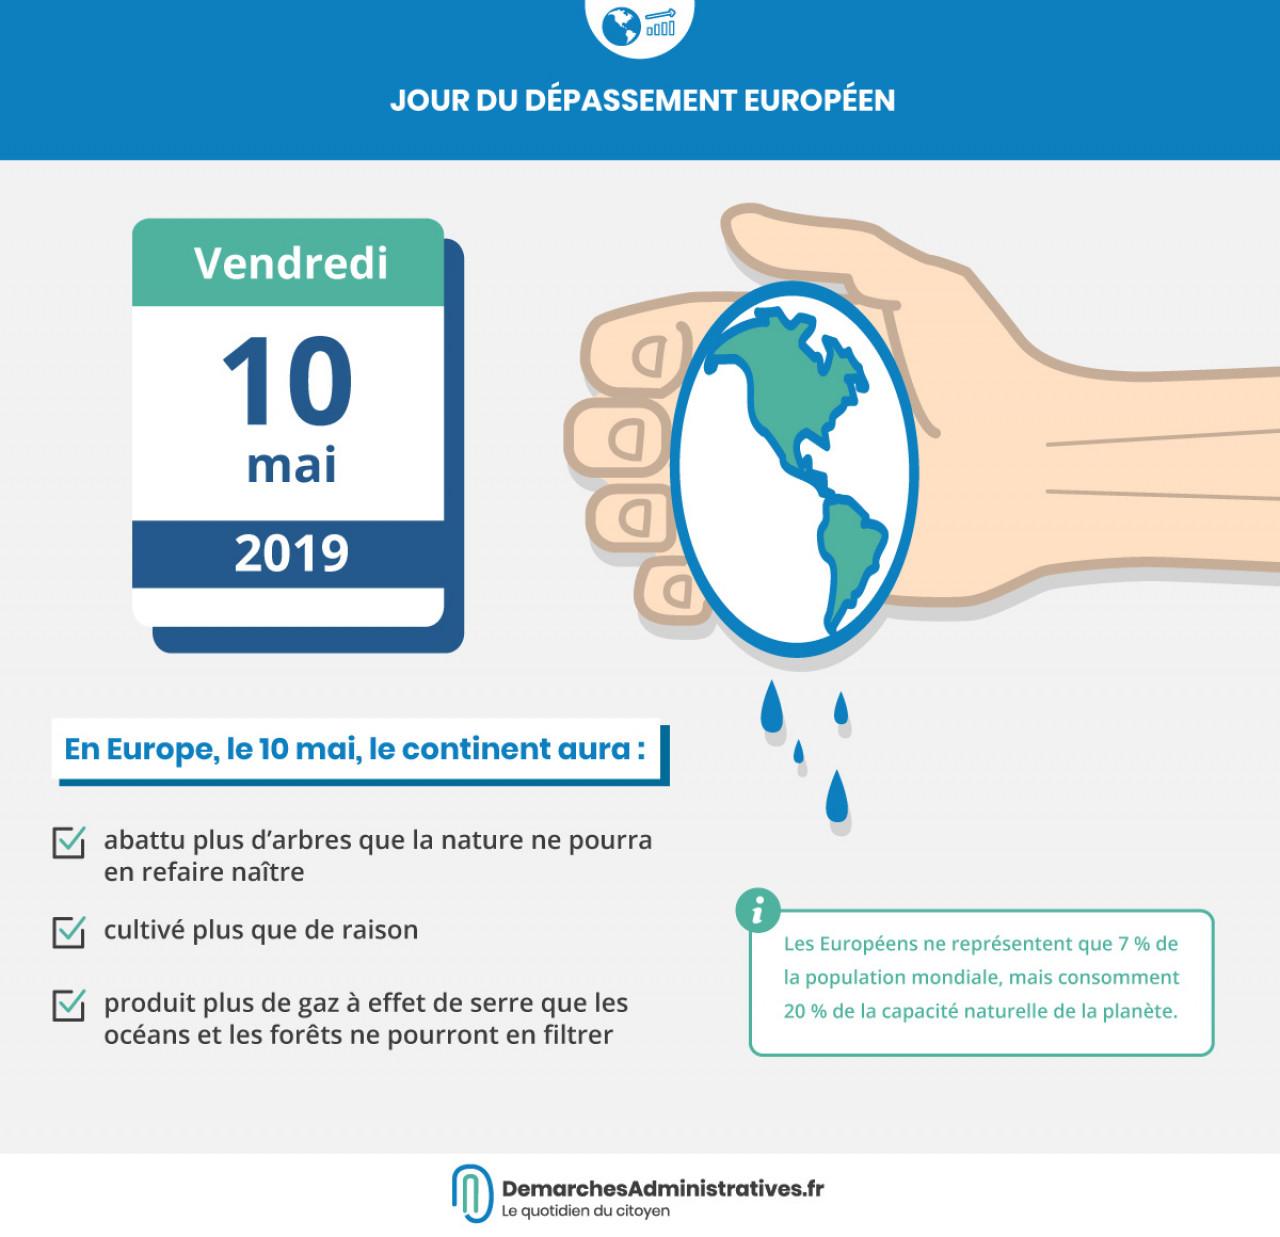 Ressources naturelles : Jour du dépassement européen le 10 mai